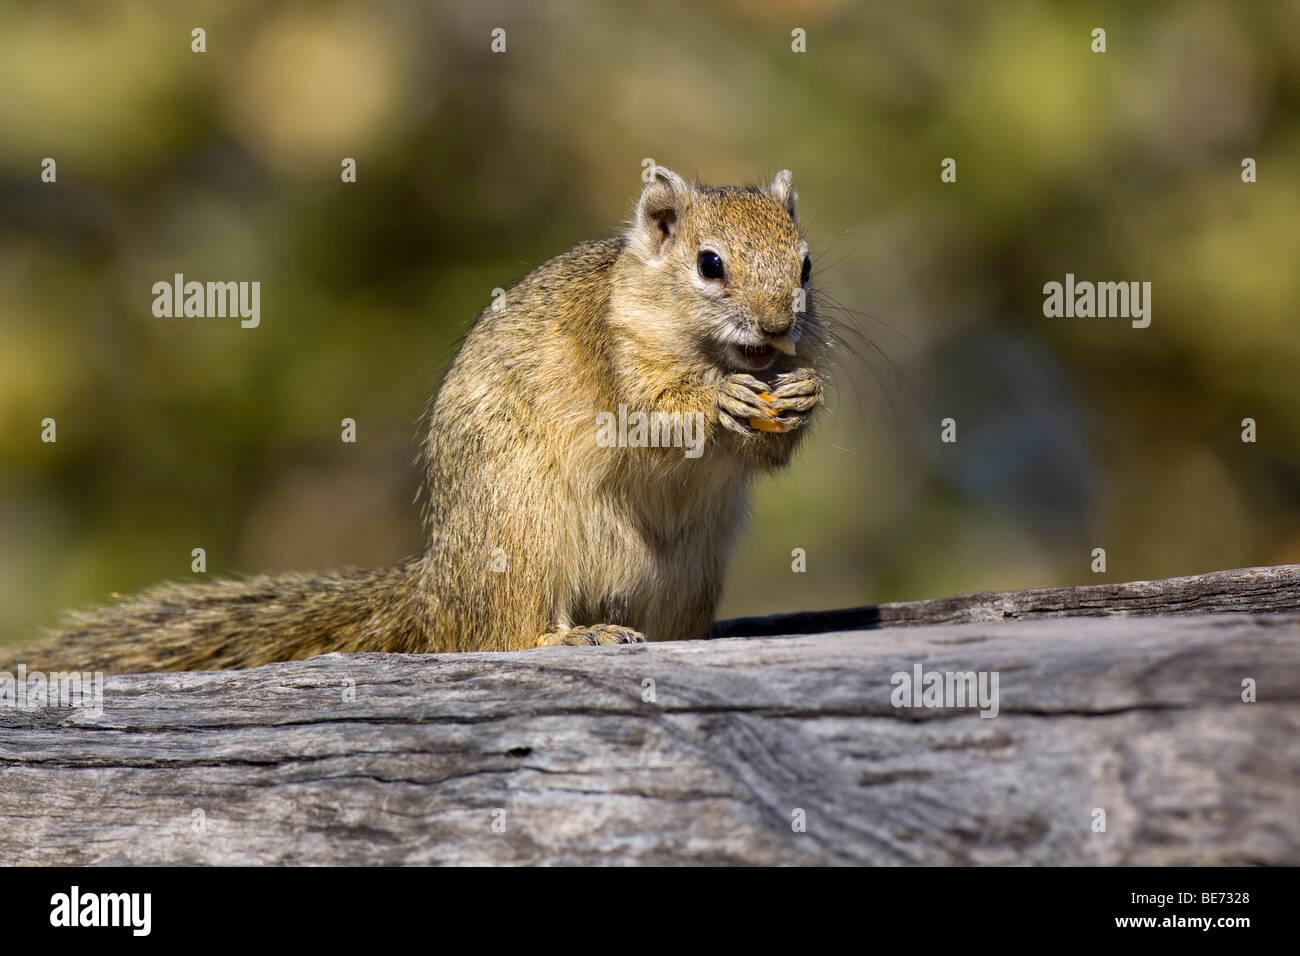 À pieds jaunes, écureuil écureuil arbre ou de Smith's Bush (Paraxerus cepapi) Écureuil, Photo Stock